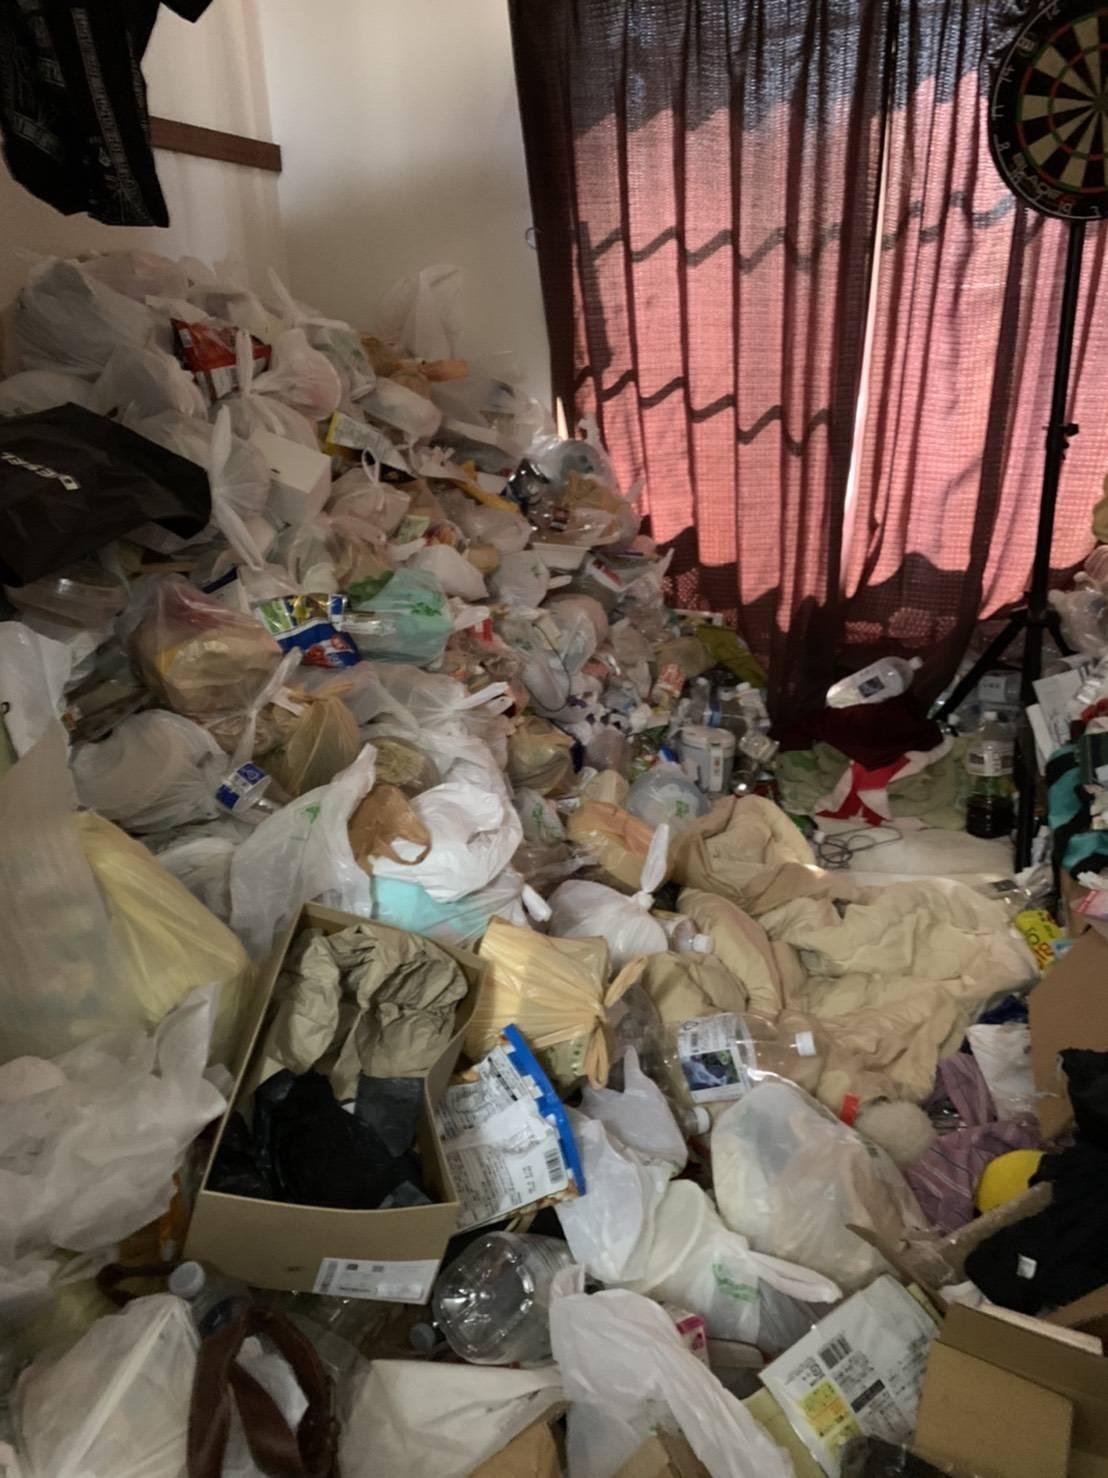 ワンルーム+ロフト。ゴミ屋敷状態から一括回収の例